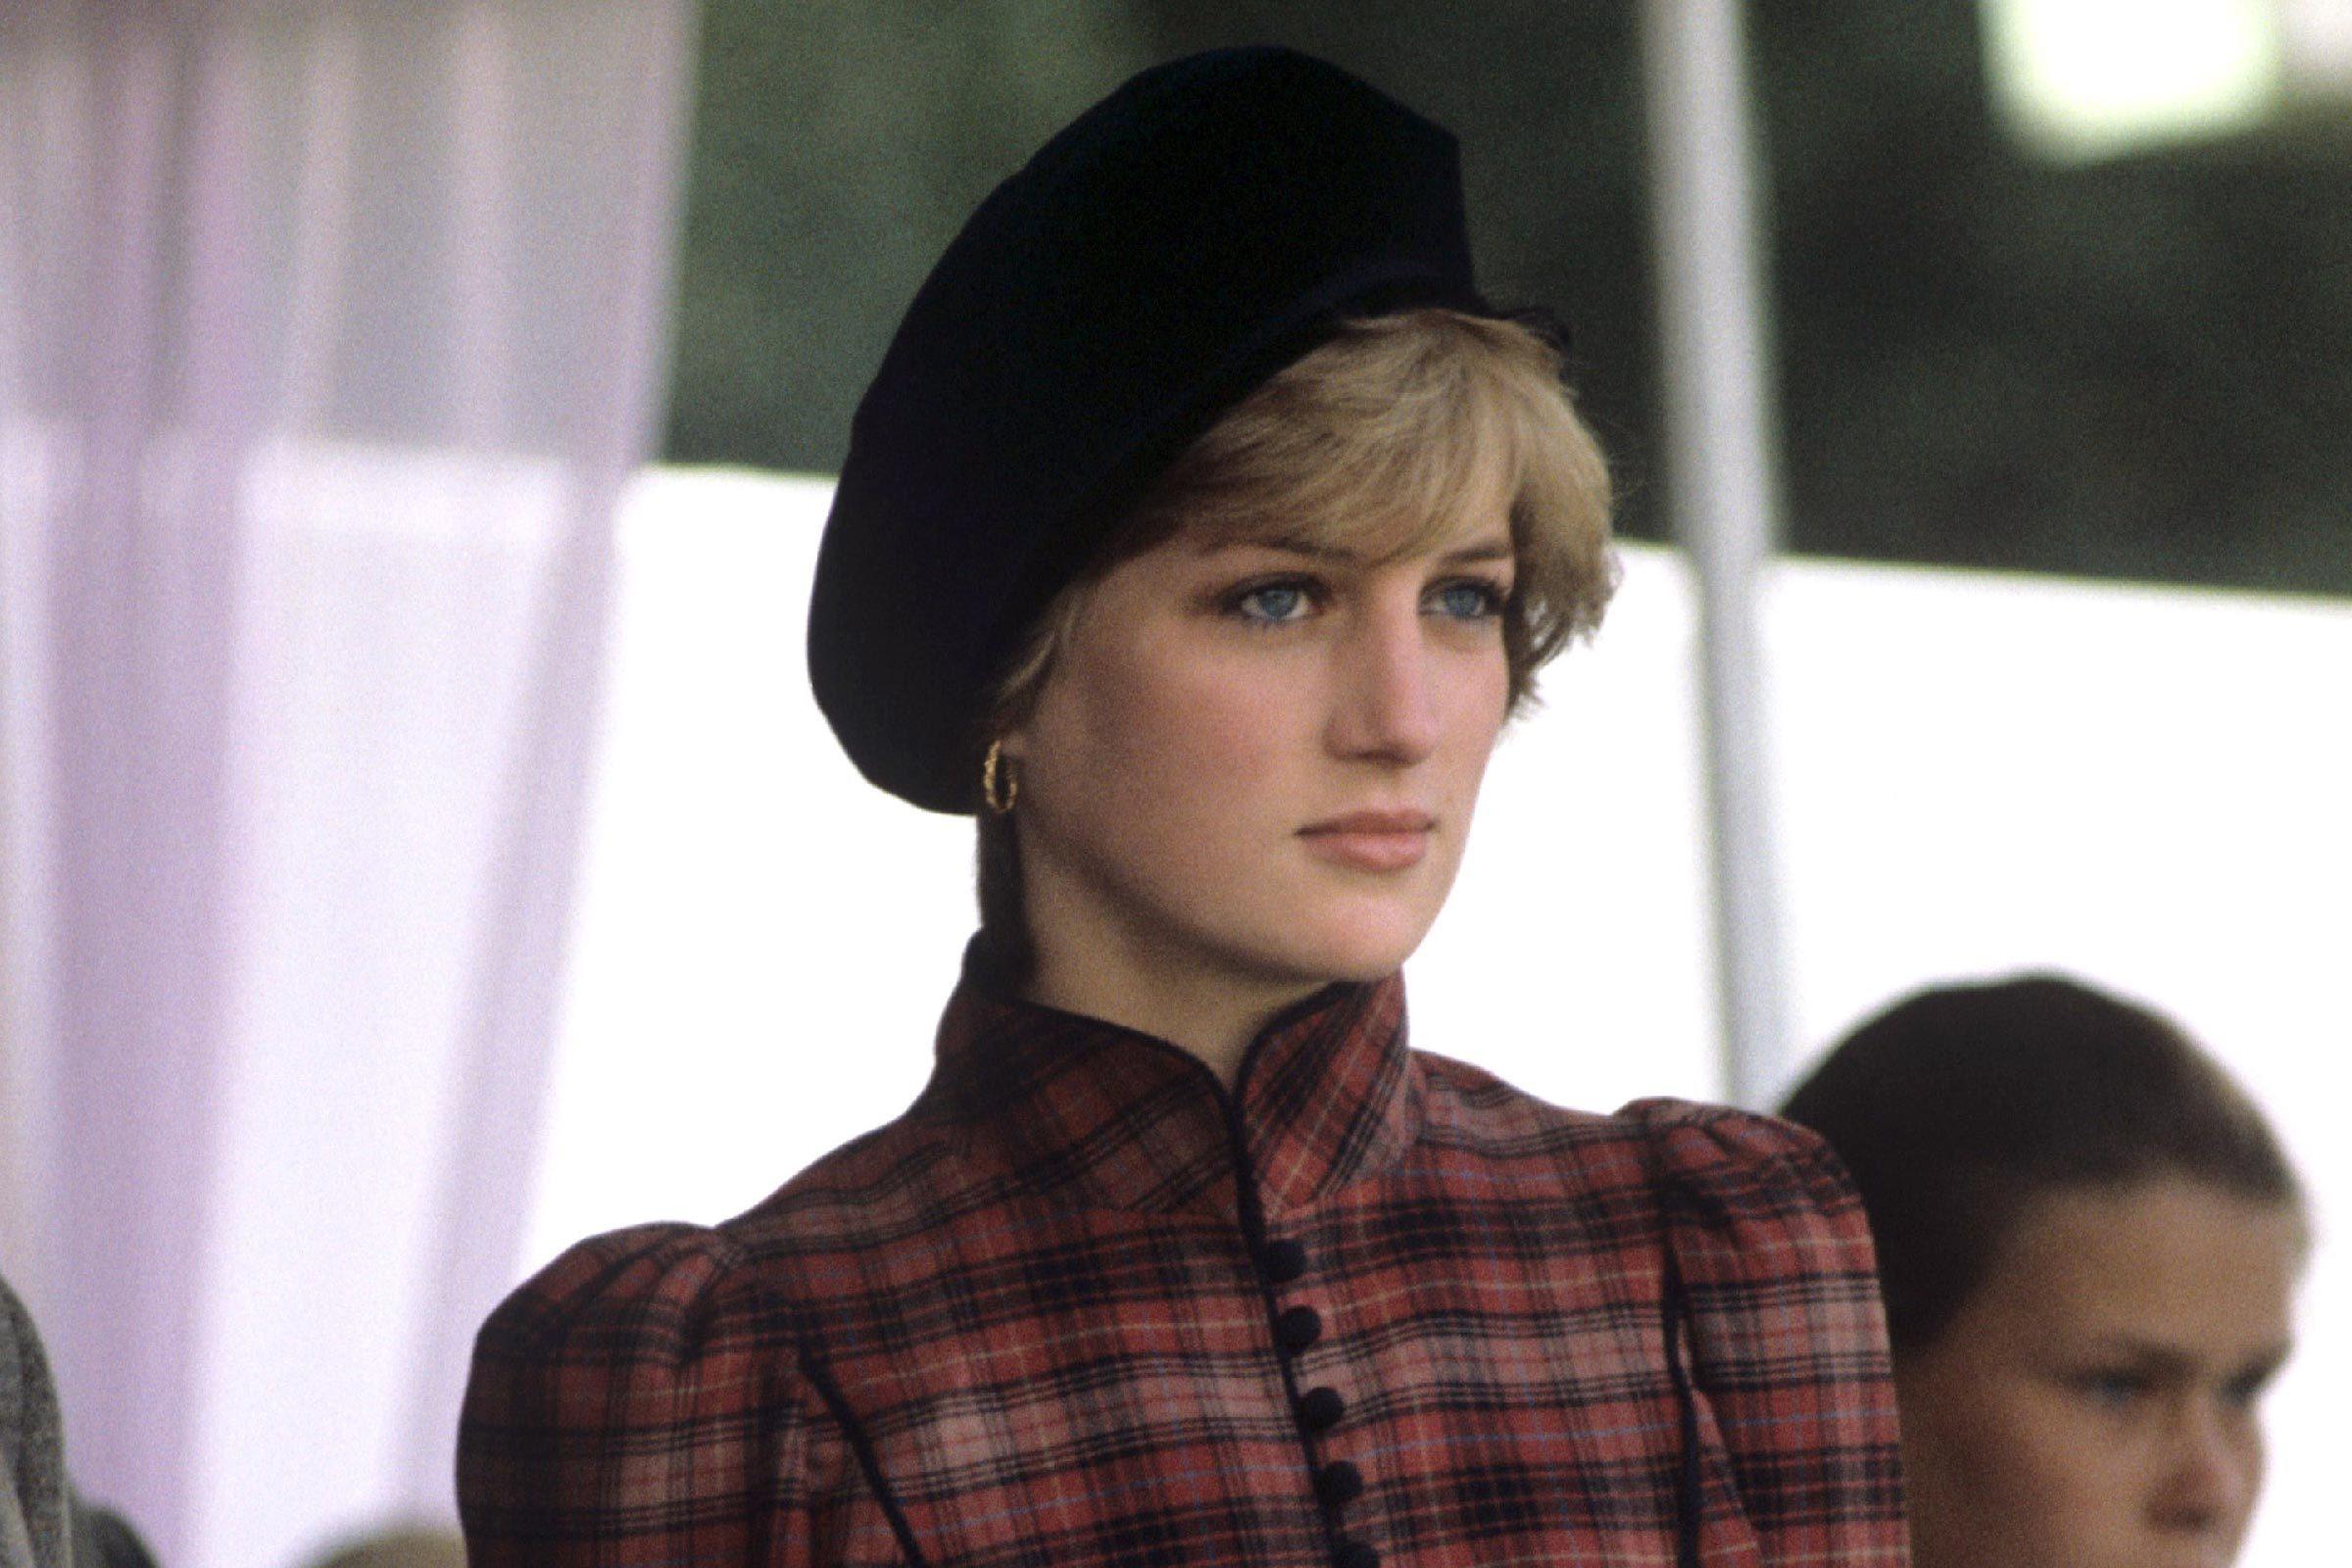 Prince Charles and Princess Diana at the Braemar Games, Scotland, Britain - Sep 1981